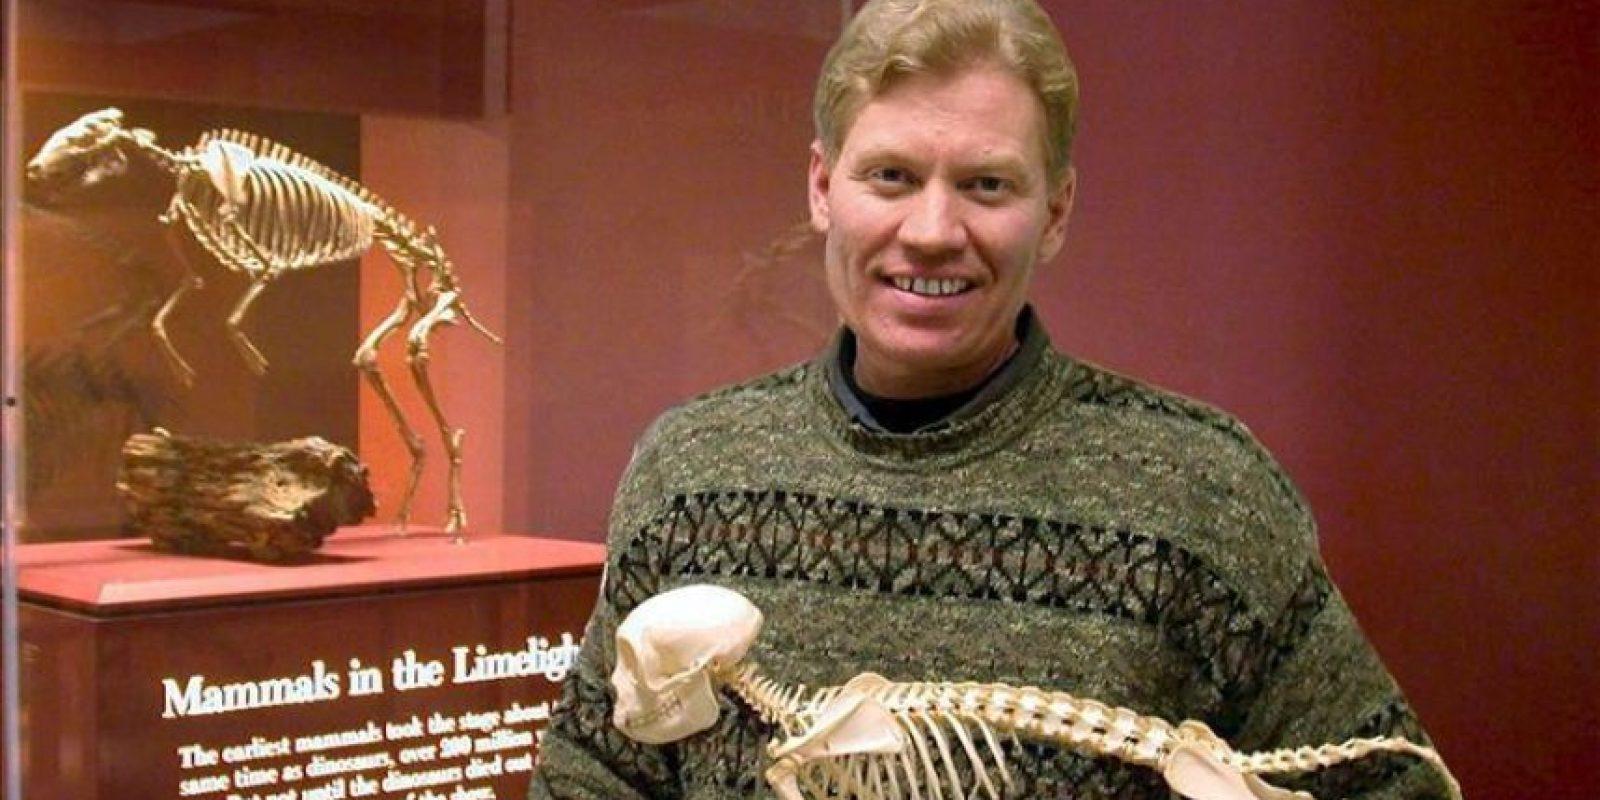 Imagen cedida este 23 de febrero, muestra al profesor Ross Secord, de la Universidad de Nebraska-Lincoln, quien junto al profesor Jonathan Bloch, de la Universidad de Florida realizó una investigación sobre los caballos primitivos llamados Sifrhippus. EFE